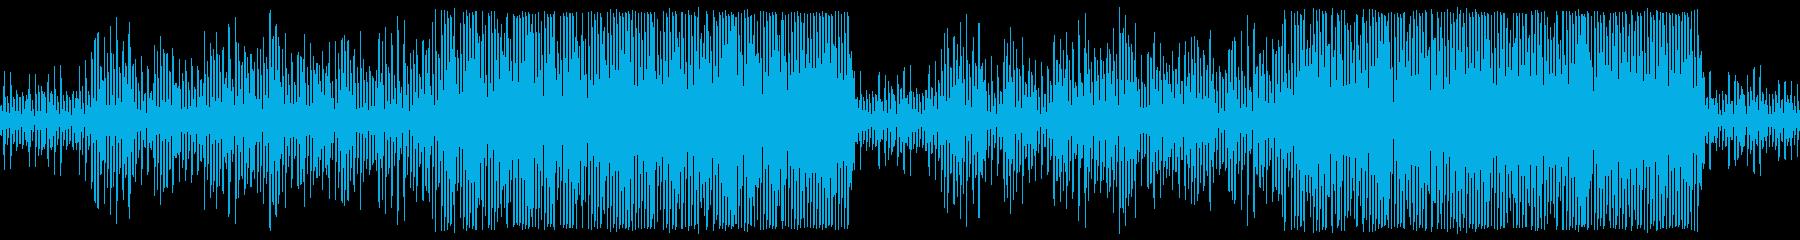 【ドラム・ベース抜き】おしゃれで軽快な映の再生済みの波形